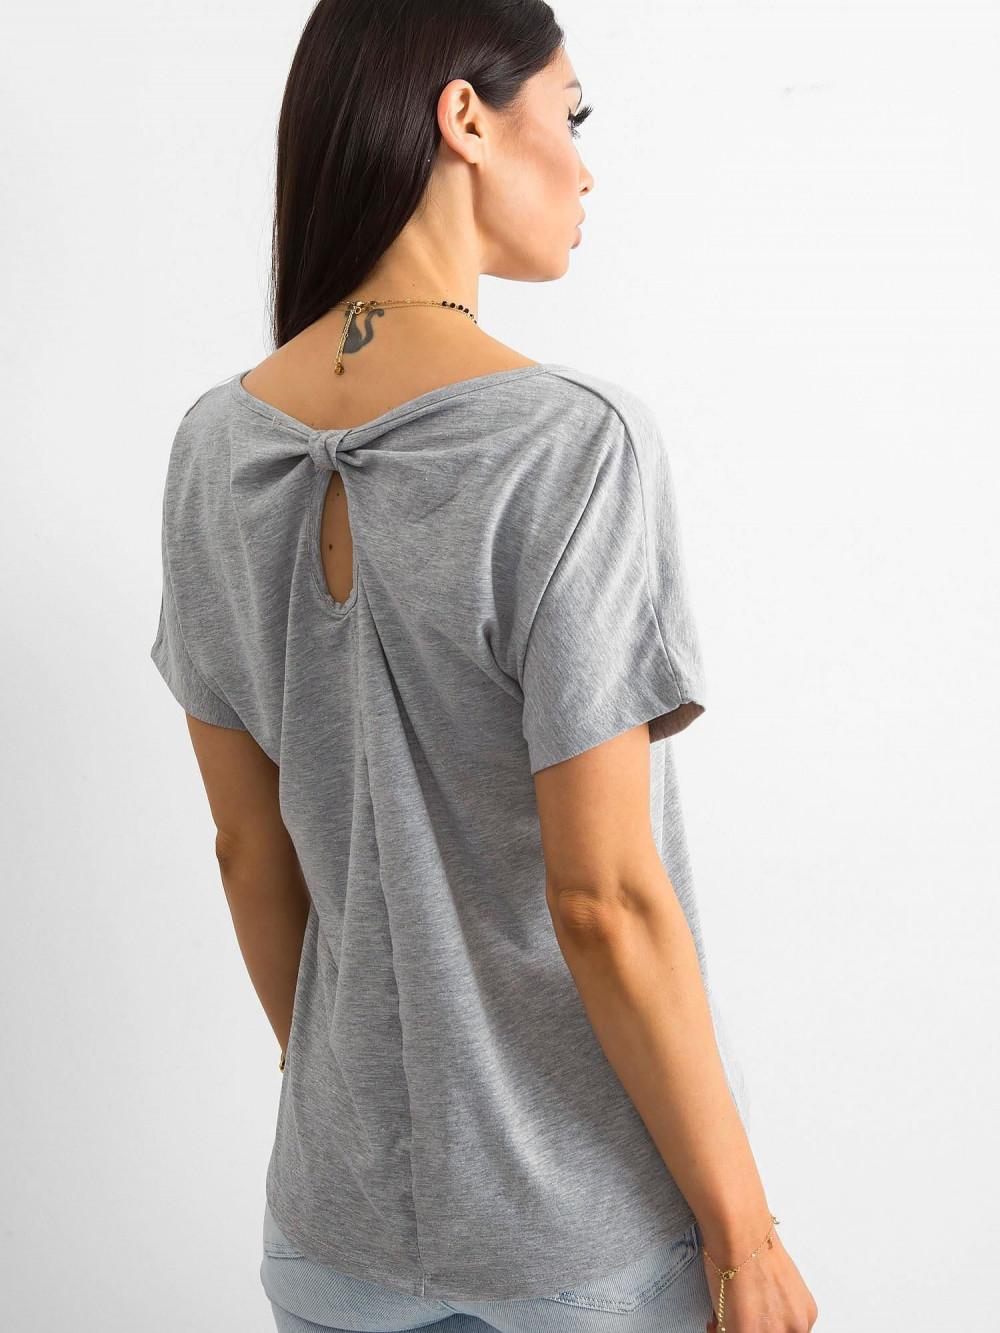 Szary t-shirt z wycięciem na plecach Sofie 1